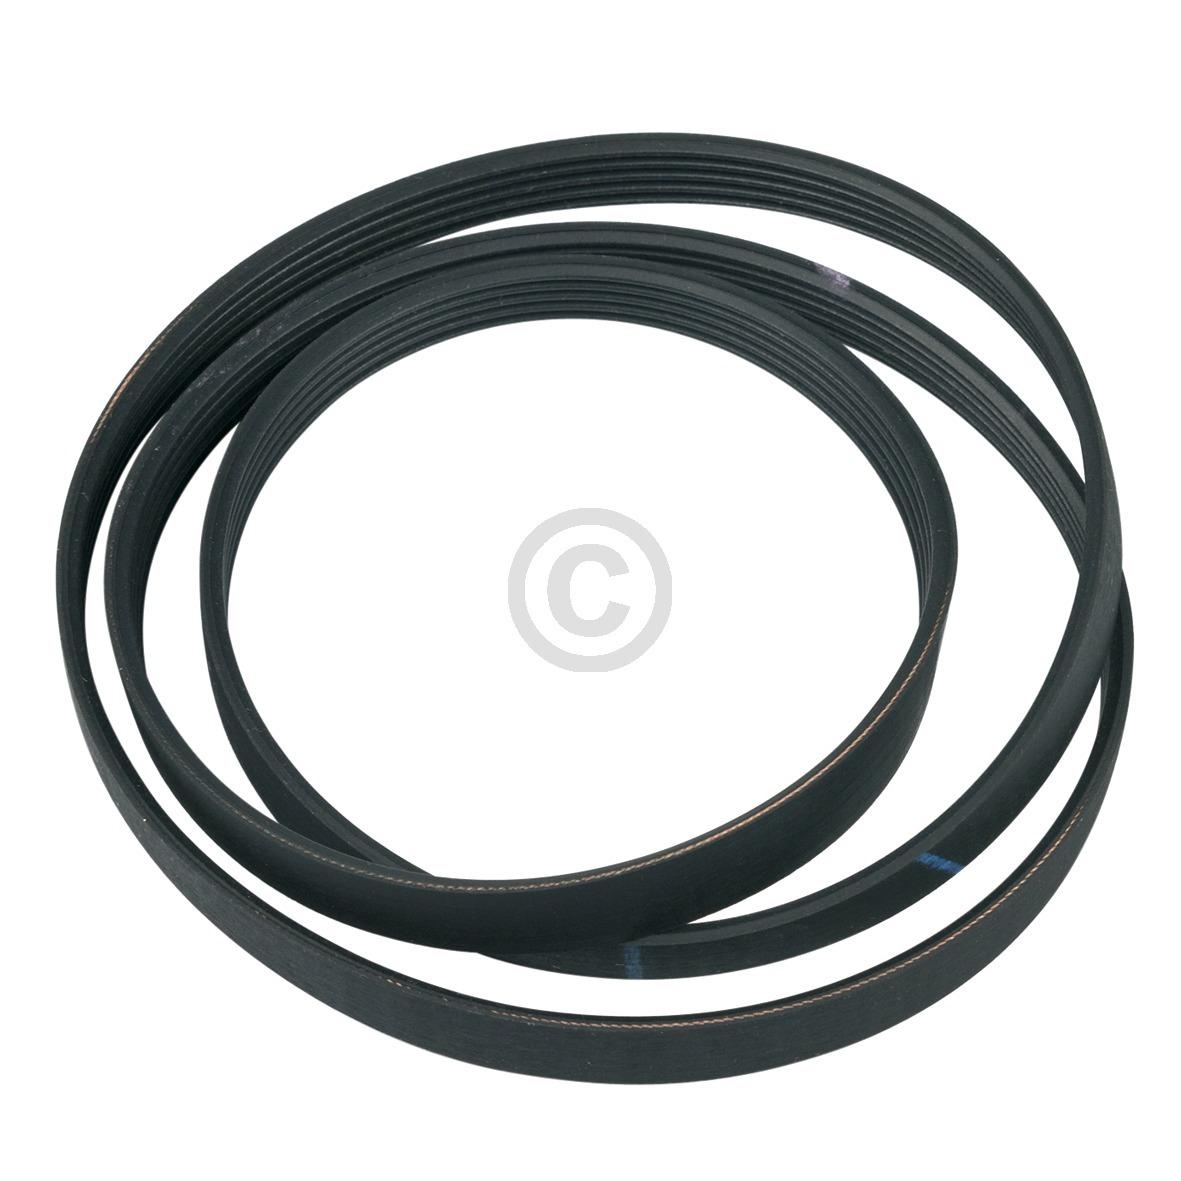 Keilrippenriemen AEG 132353100/2 1200PJ5E elastisch für Waschmaschine